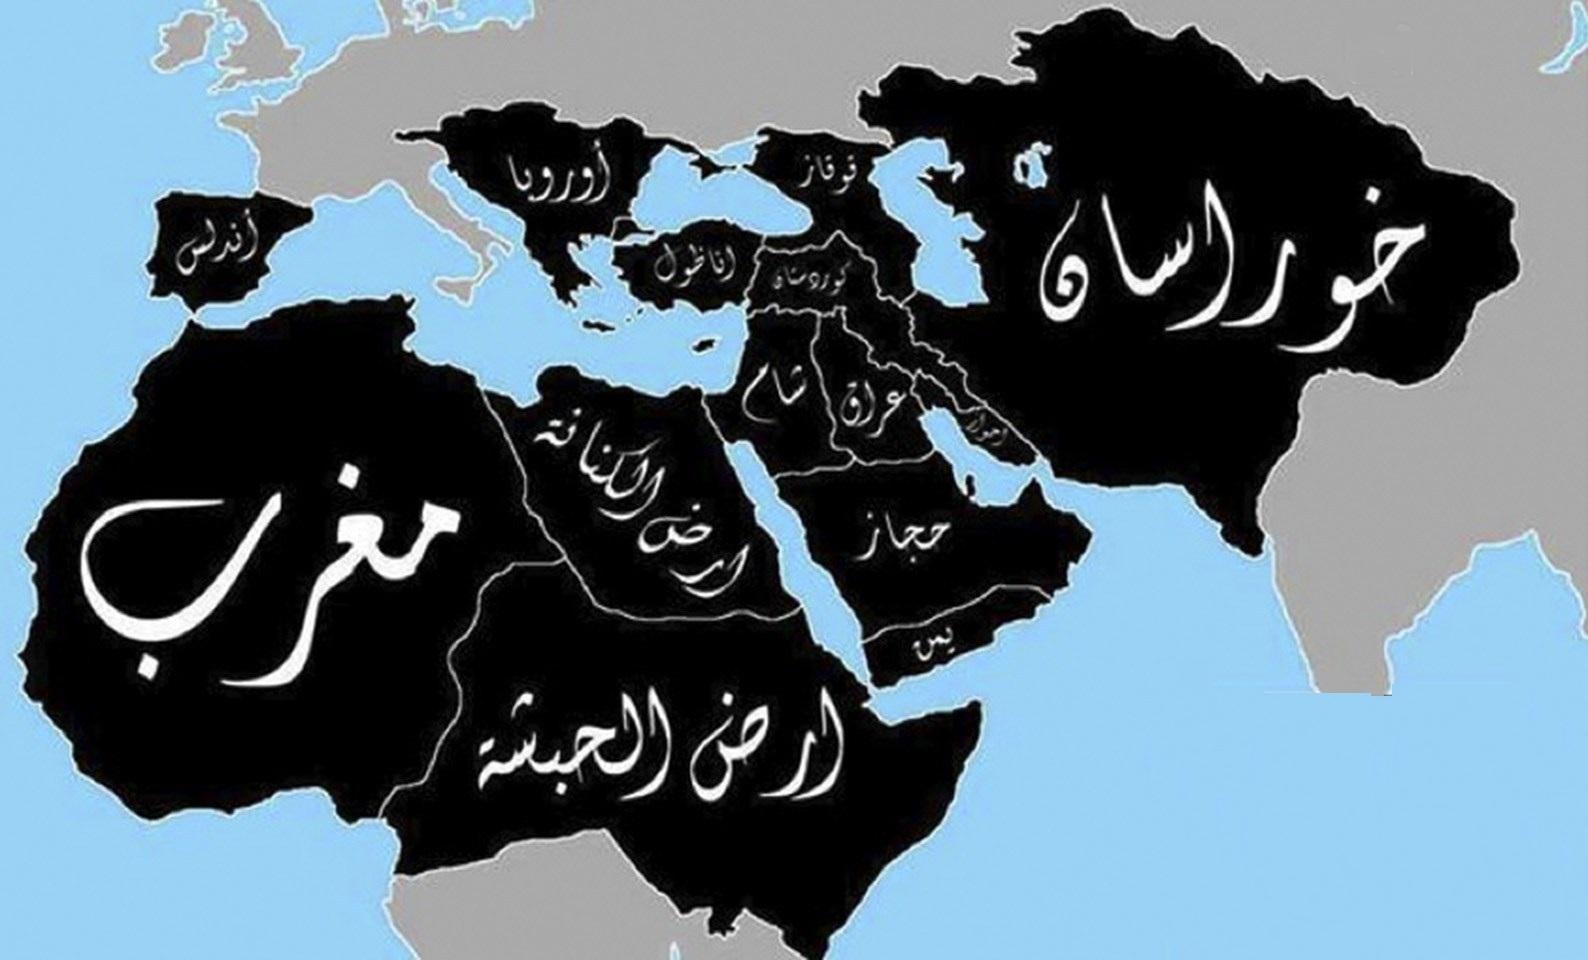 تصویر داعش خراسان را جزو قلمرو خود اعلام کرد